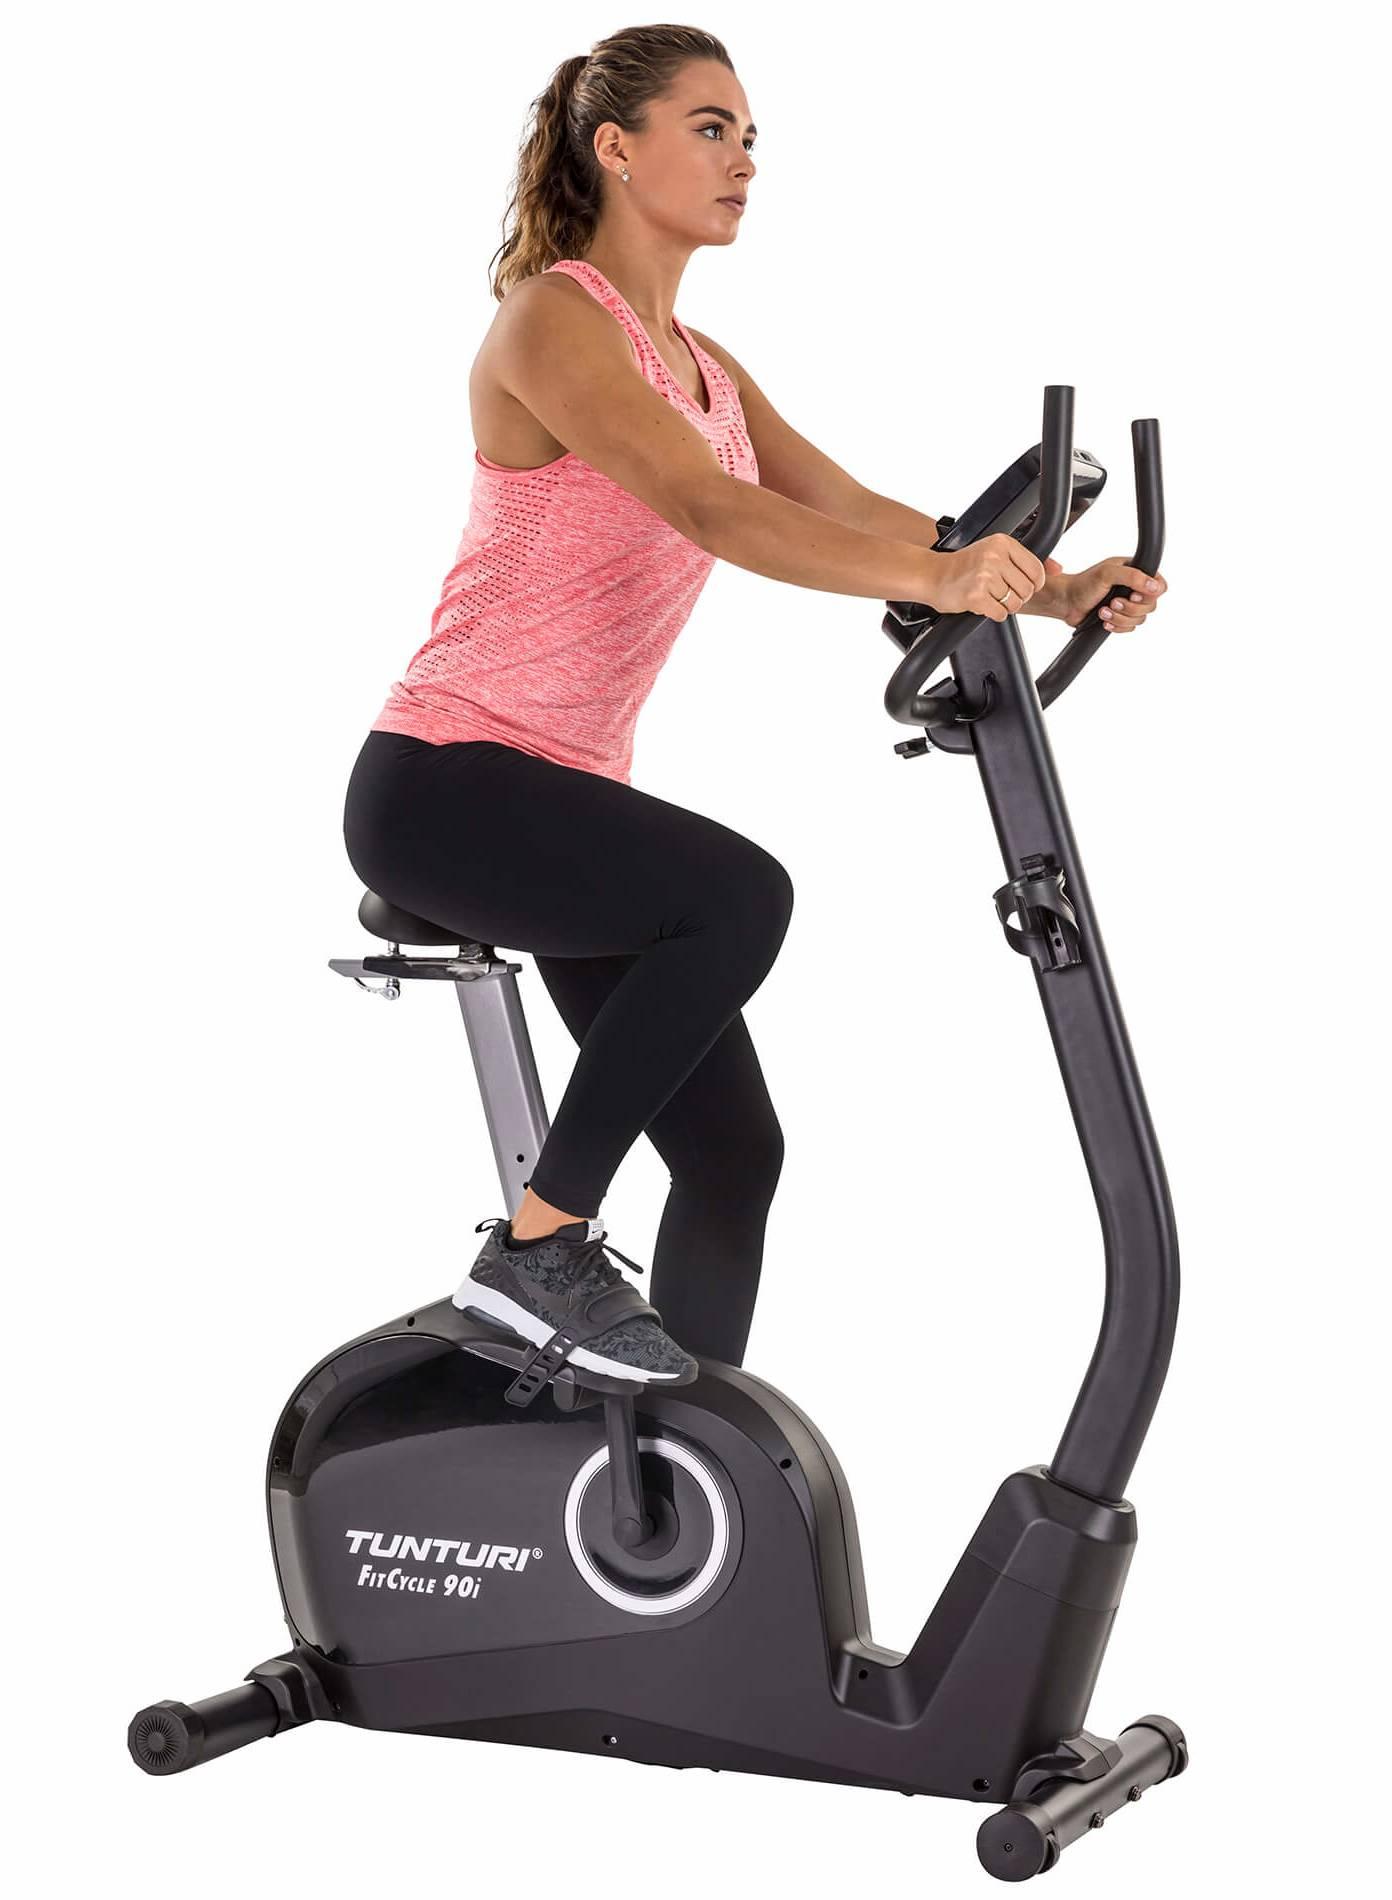 Tunturi Exercise Bike FitCycle 90i profil